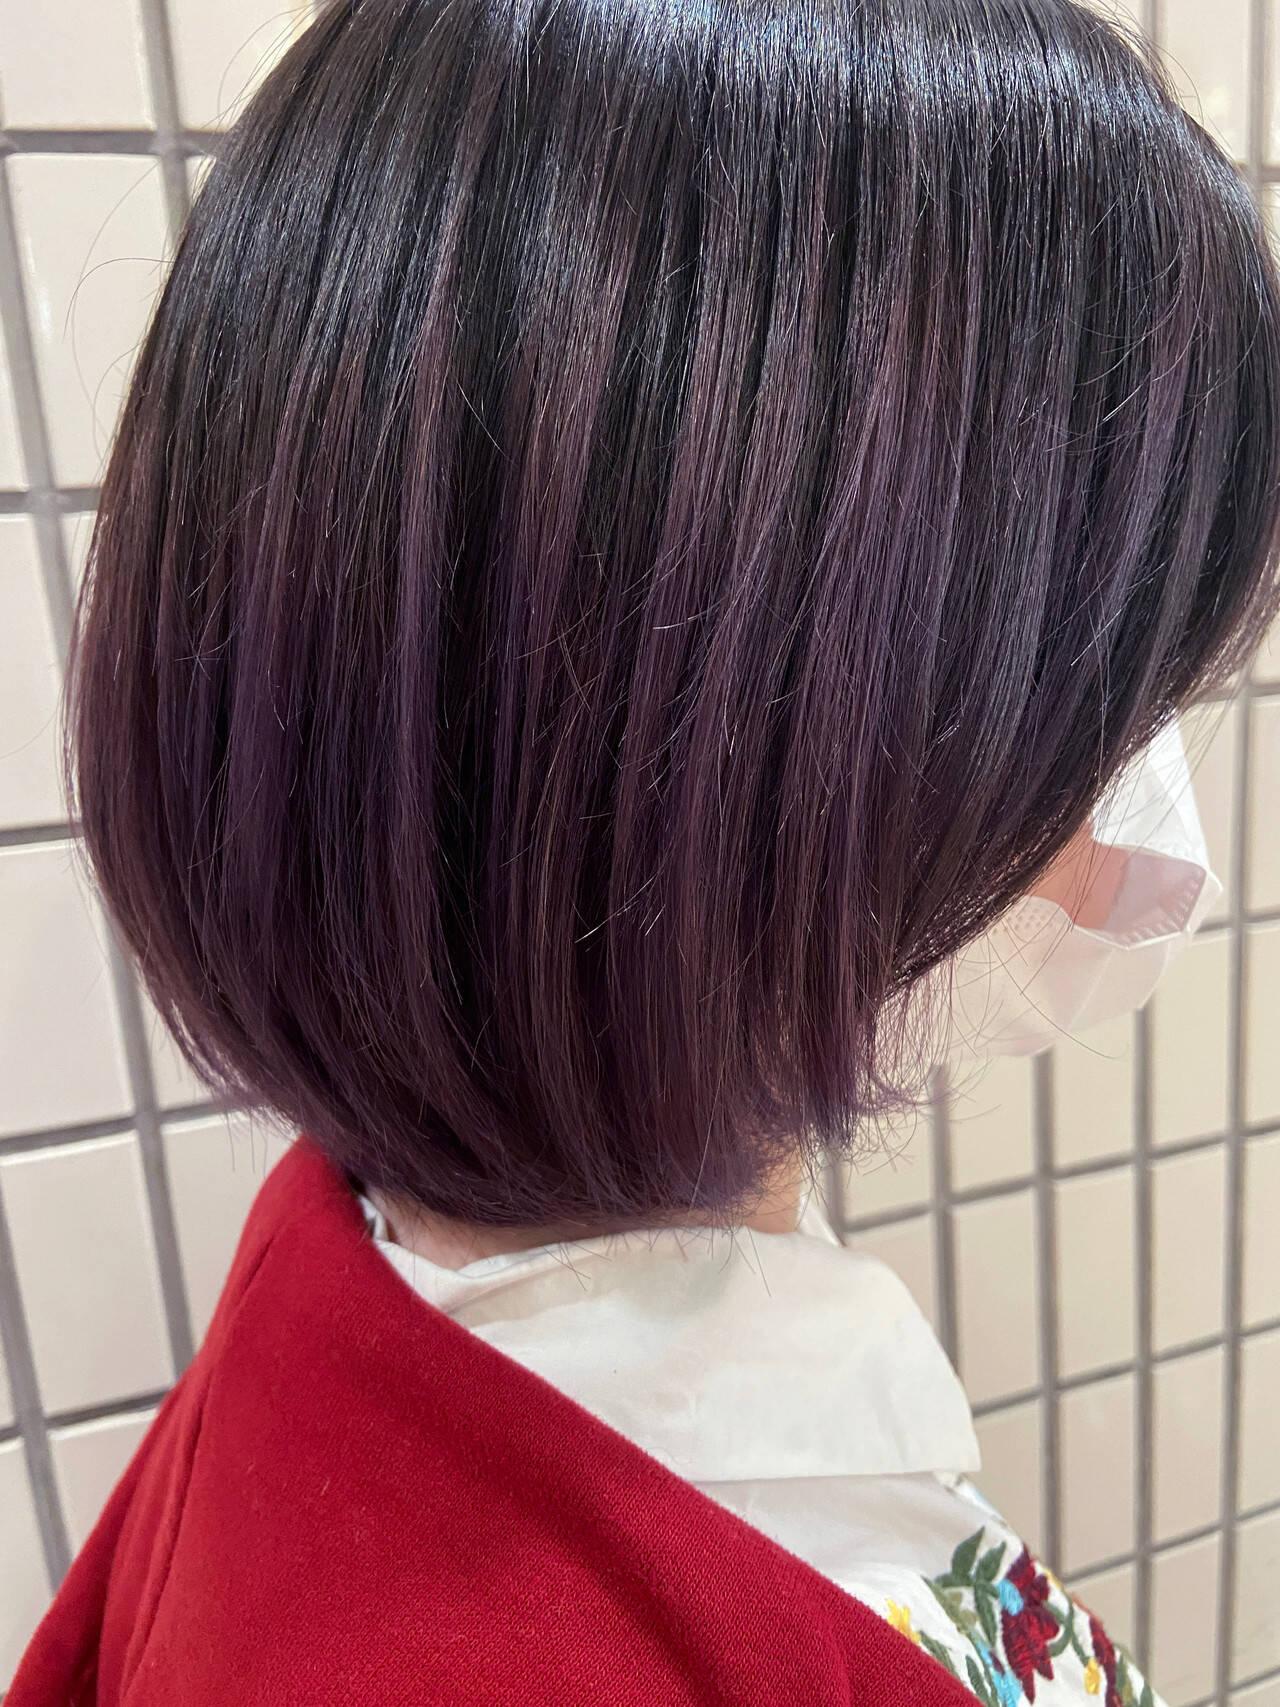 バイオレットカラー ブルーバイオレット ボブ グラデーションカラーヘアスタイルや髪型の写真・画像